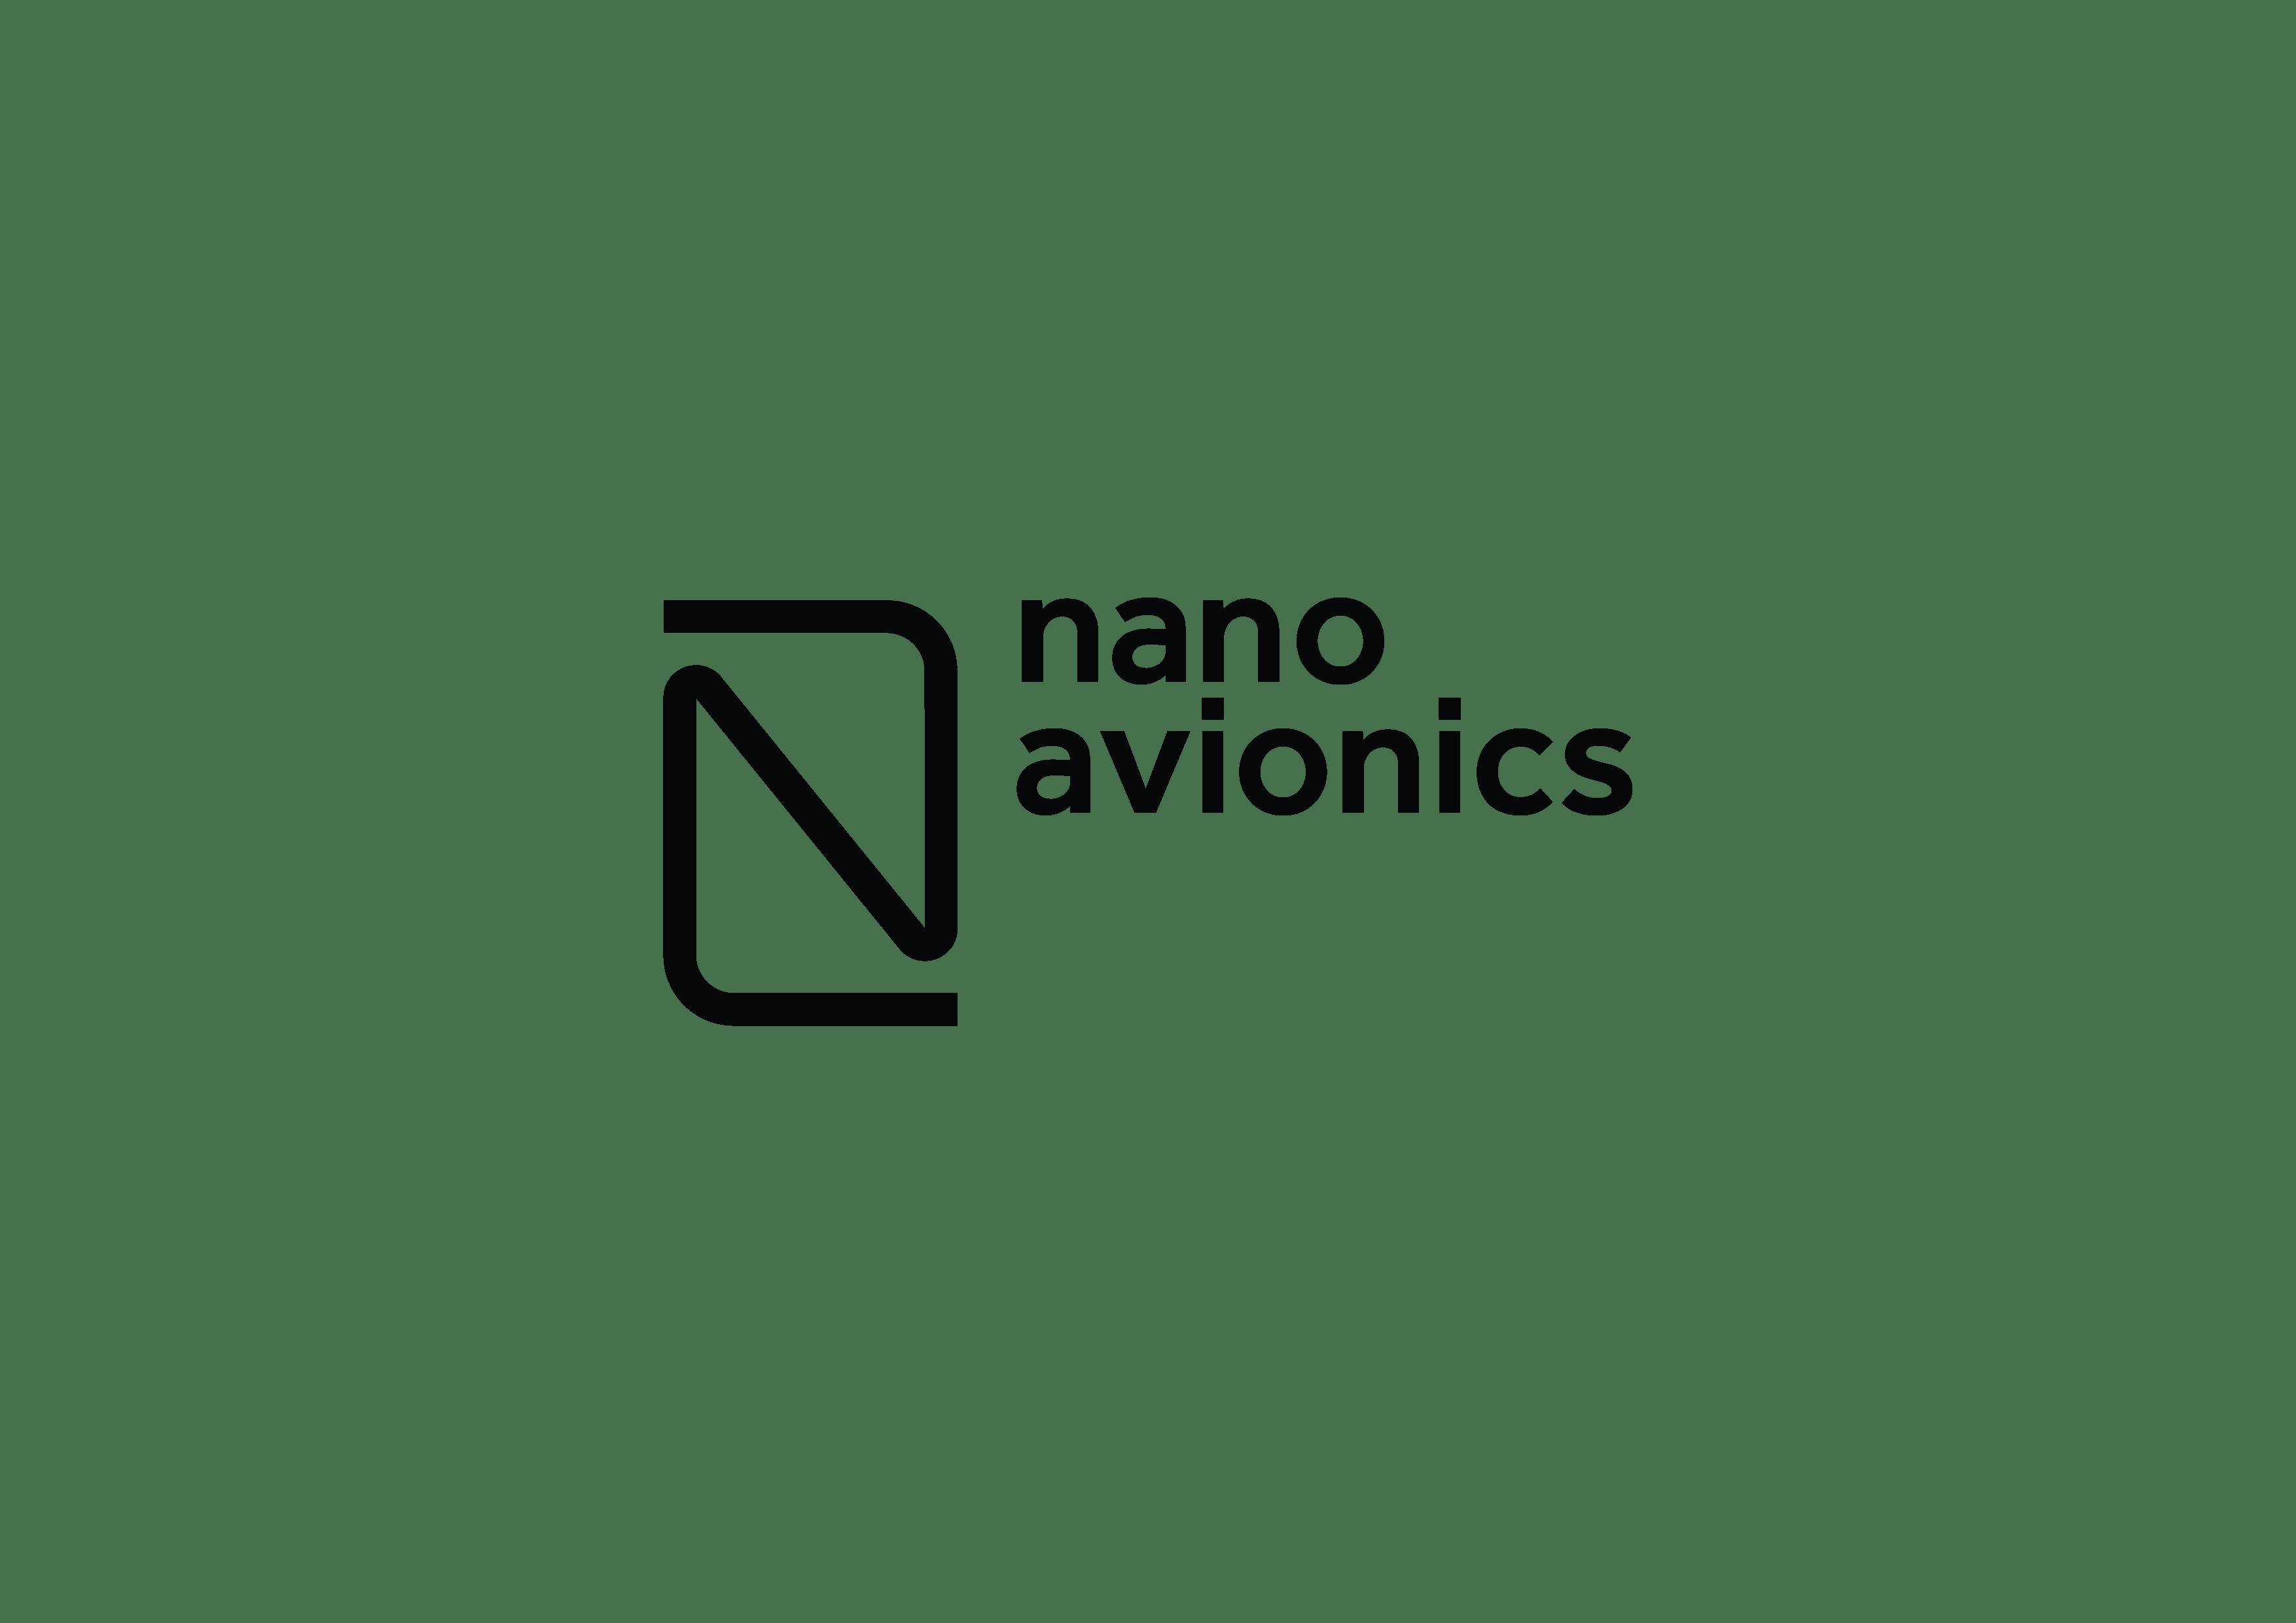 NanoAvinonics社との協業を開始しました